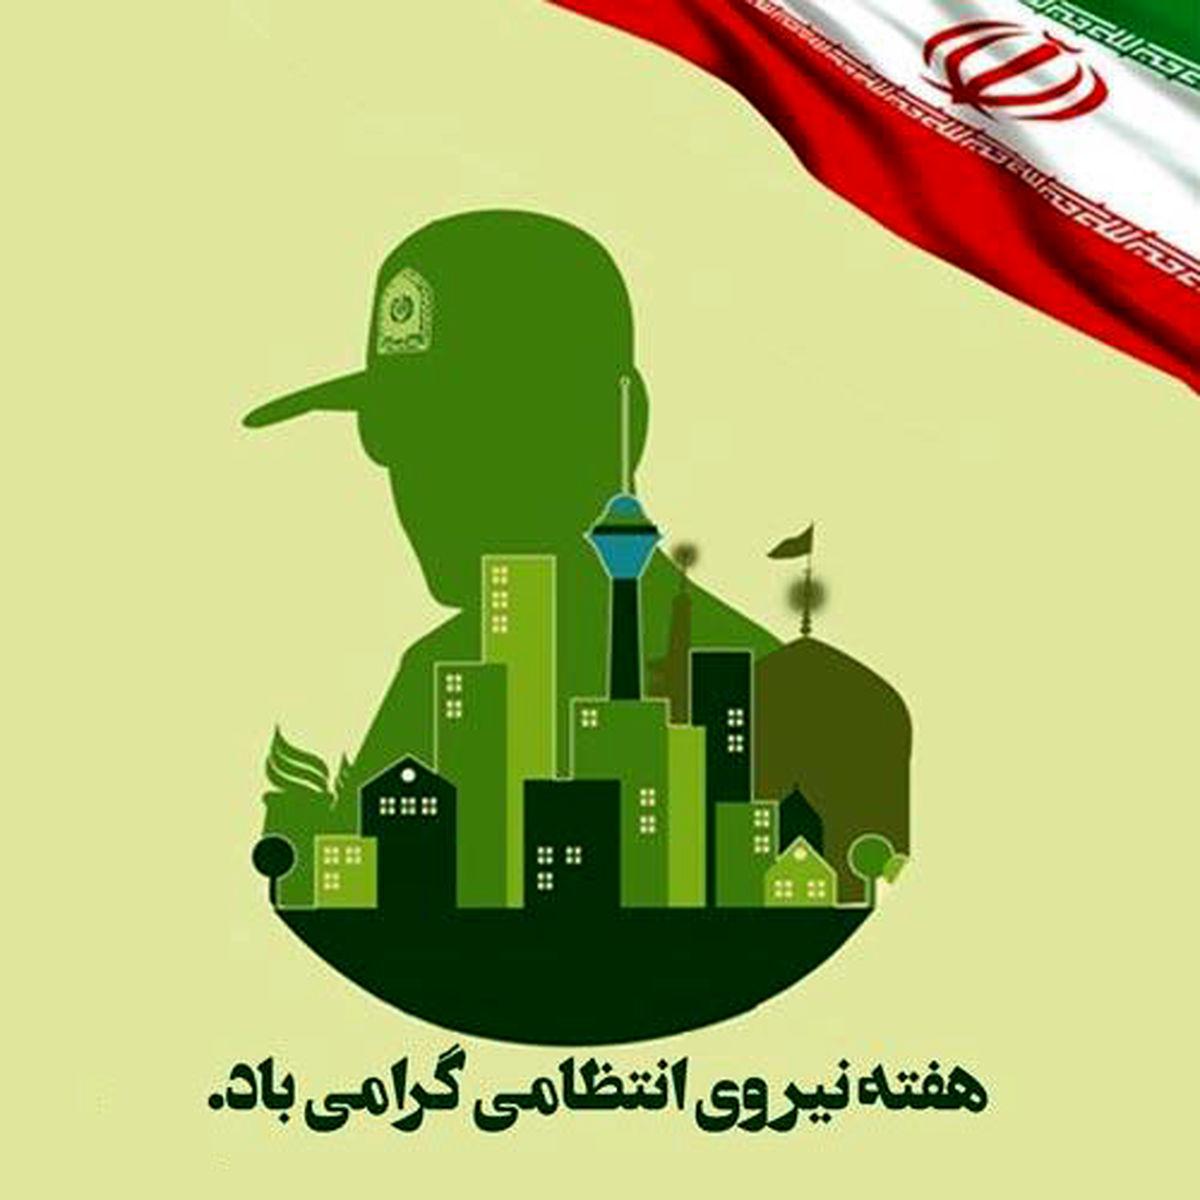 پیام تبریک روابط عمومی شرکت بیمه آرمان به مناسبت هفته ناجا به کارکنان نیروی انتظامی